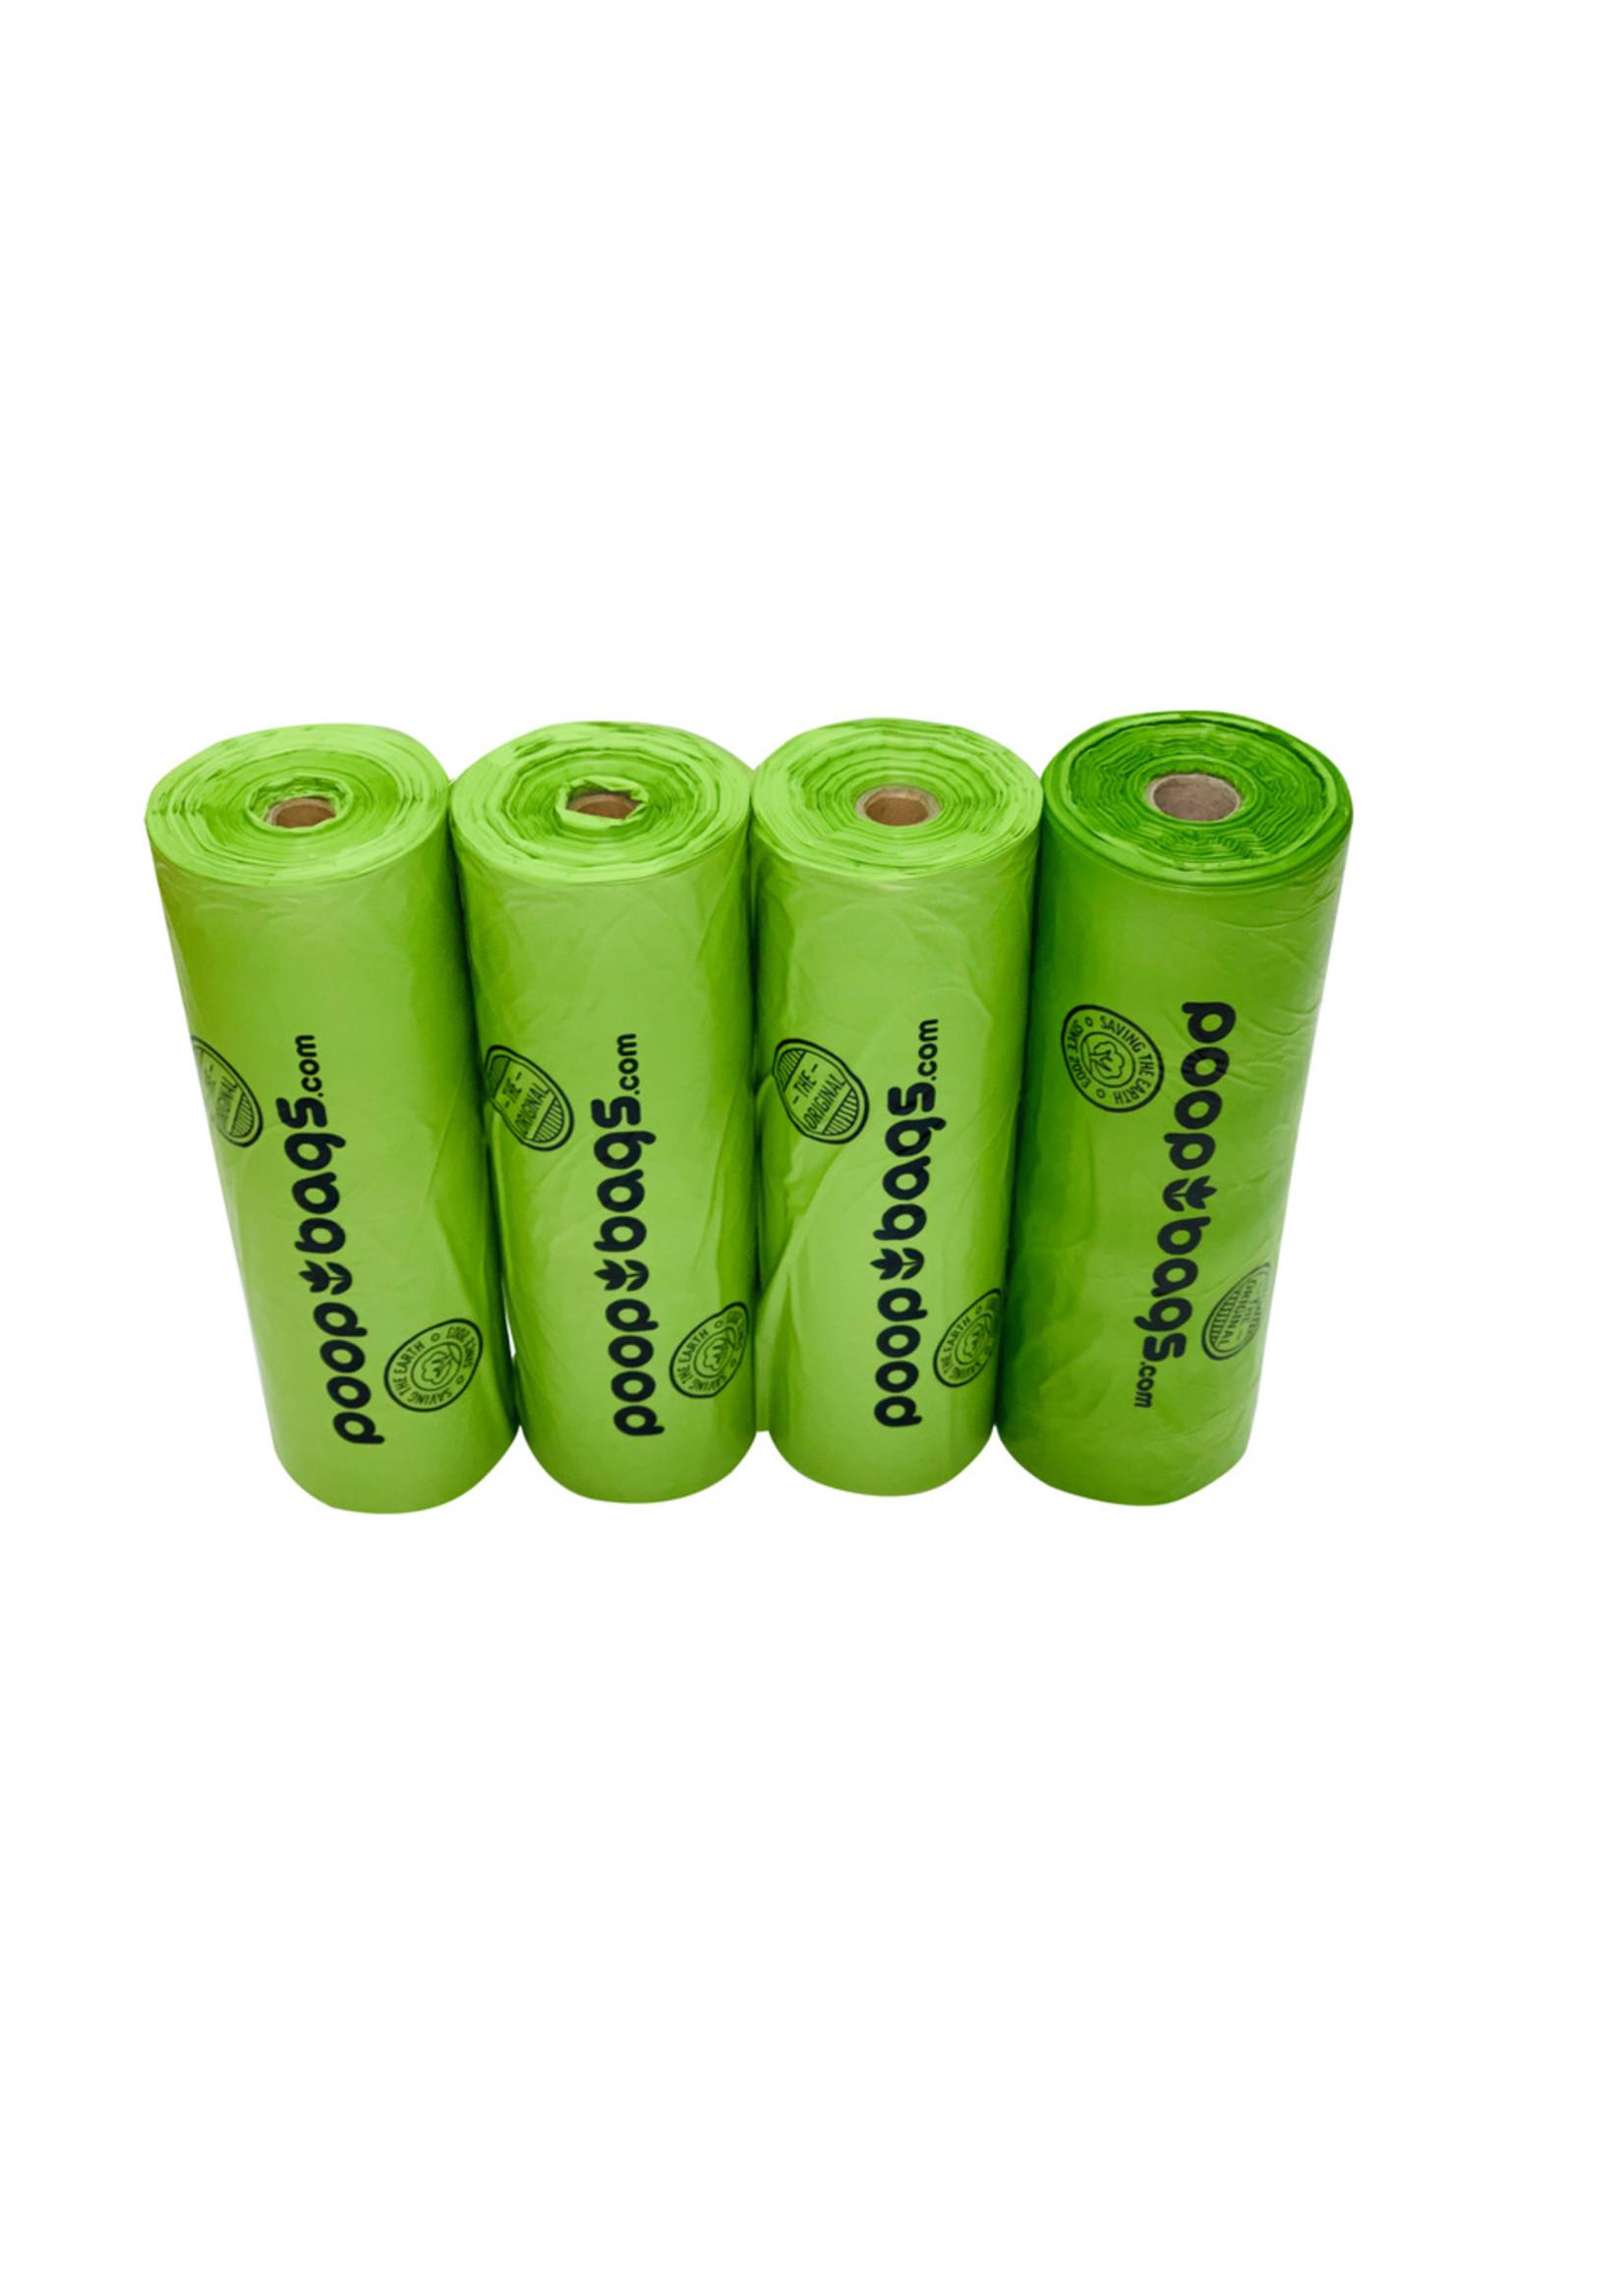 Poop Bags POOPBAGS sacs de ramassage compostables (4 rouleaux de 15 sacs) 9''x13''